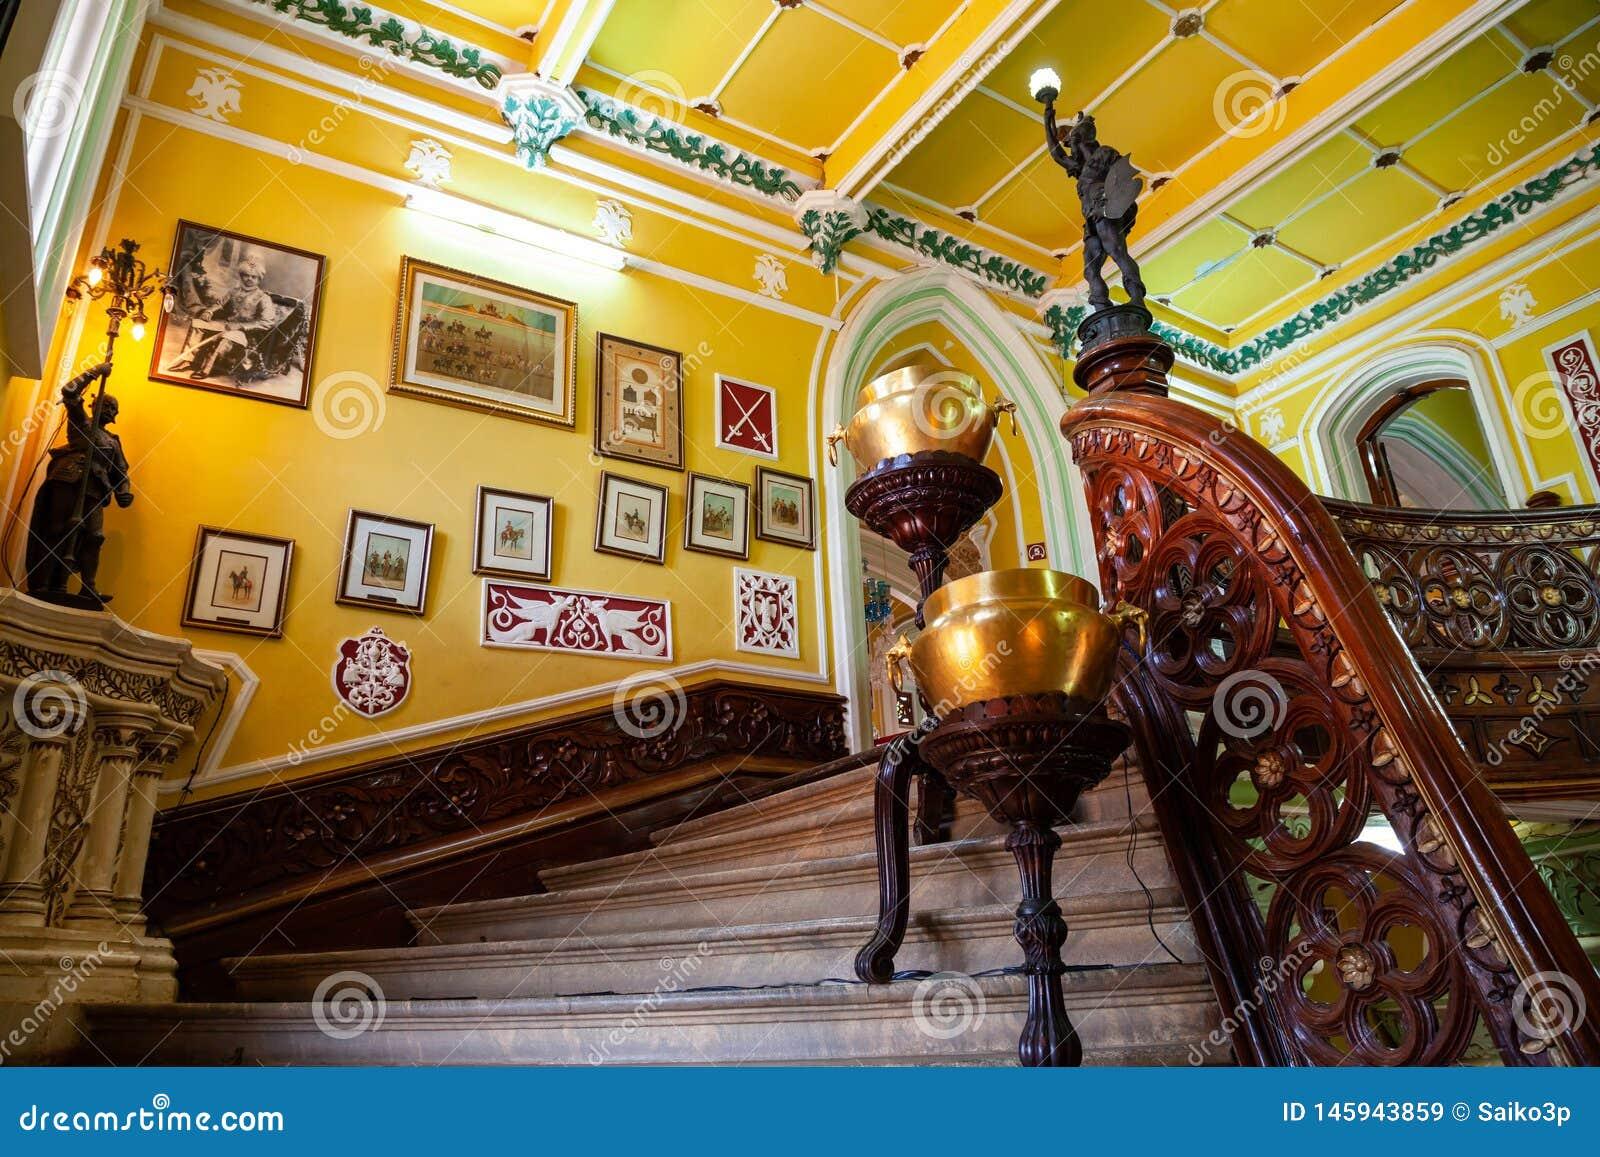 Παλάτι της Βαγκαλόρη στη Βαγκαλόρη, Ινδία